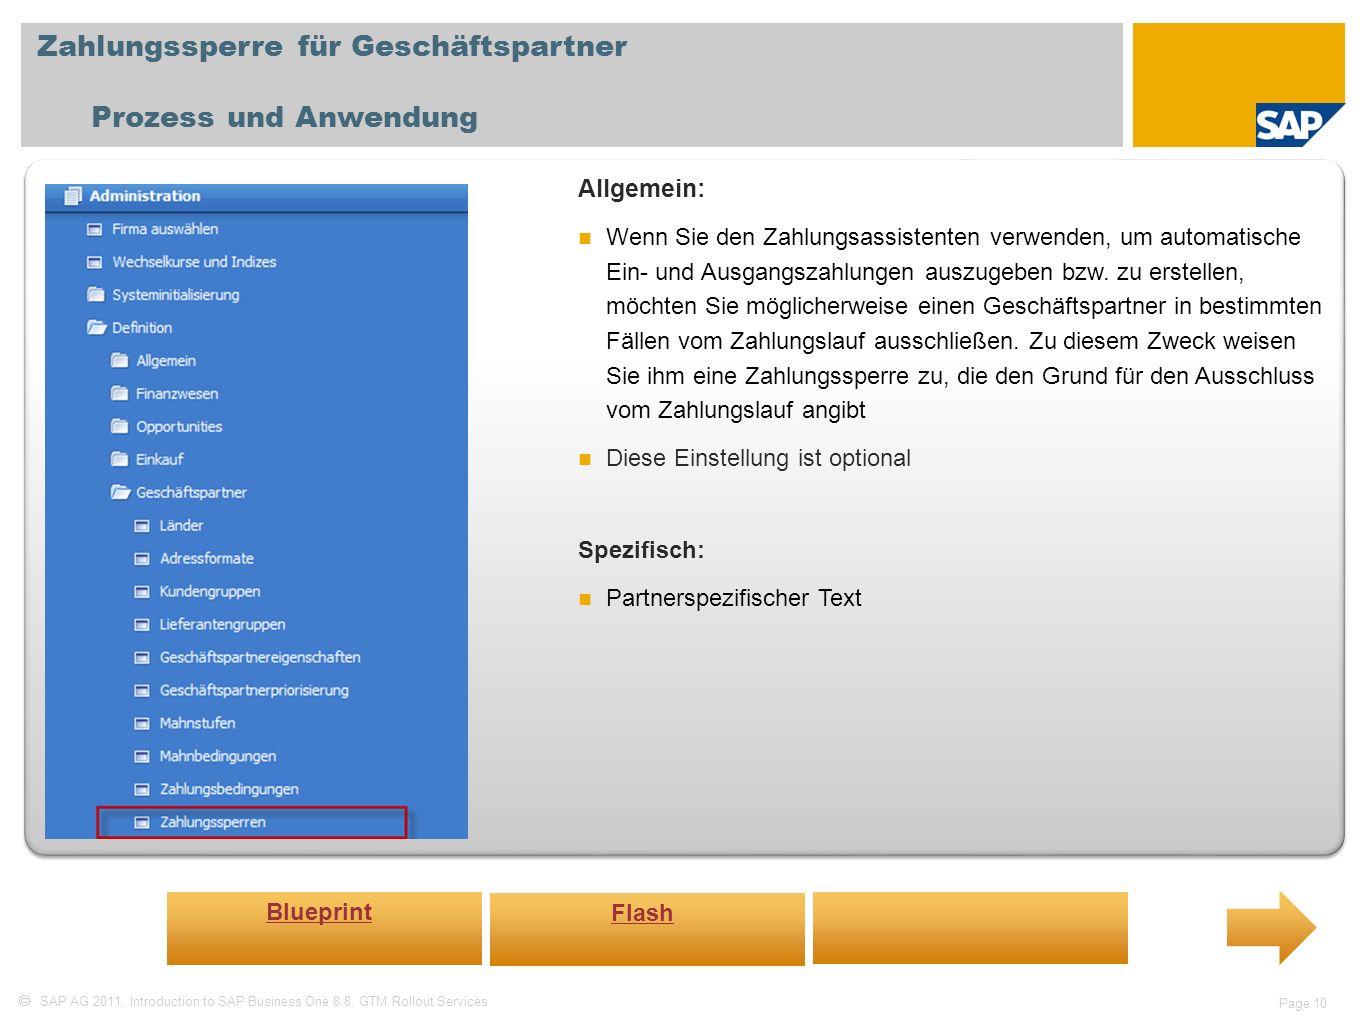 SAP AG 2011, Introduction to SAP Business One 8.8, GTM Rollout Services Page 10 Zahlungssperre für Geschäftspartner Prozess und Anwendung Allgemein: W